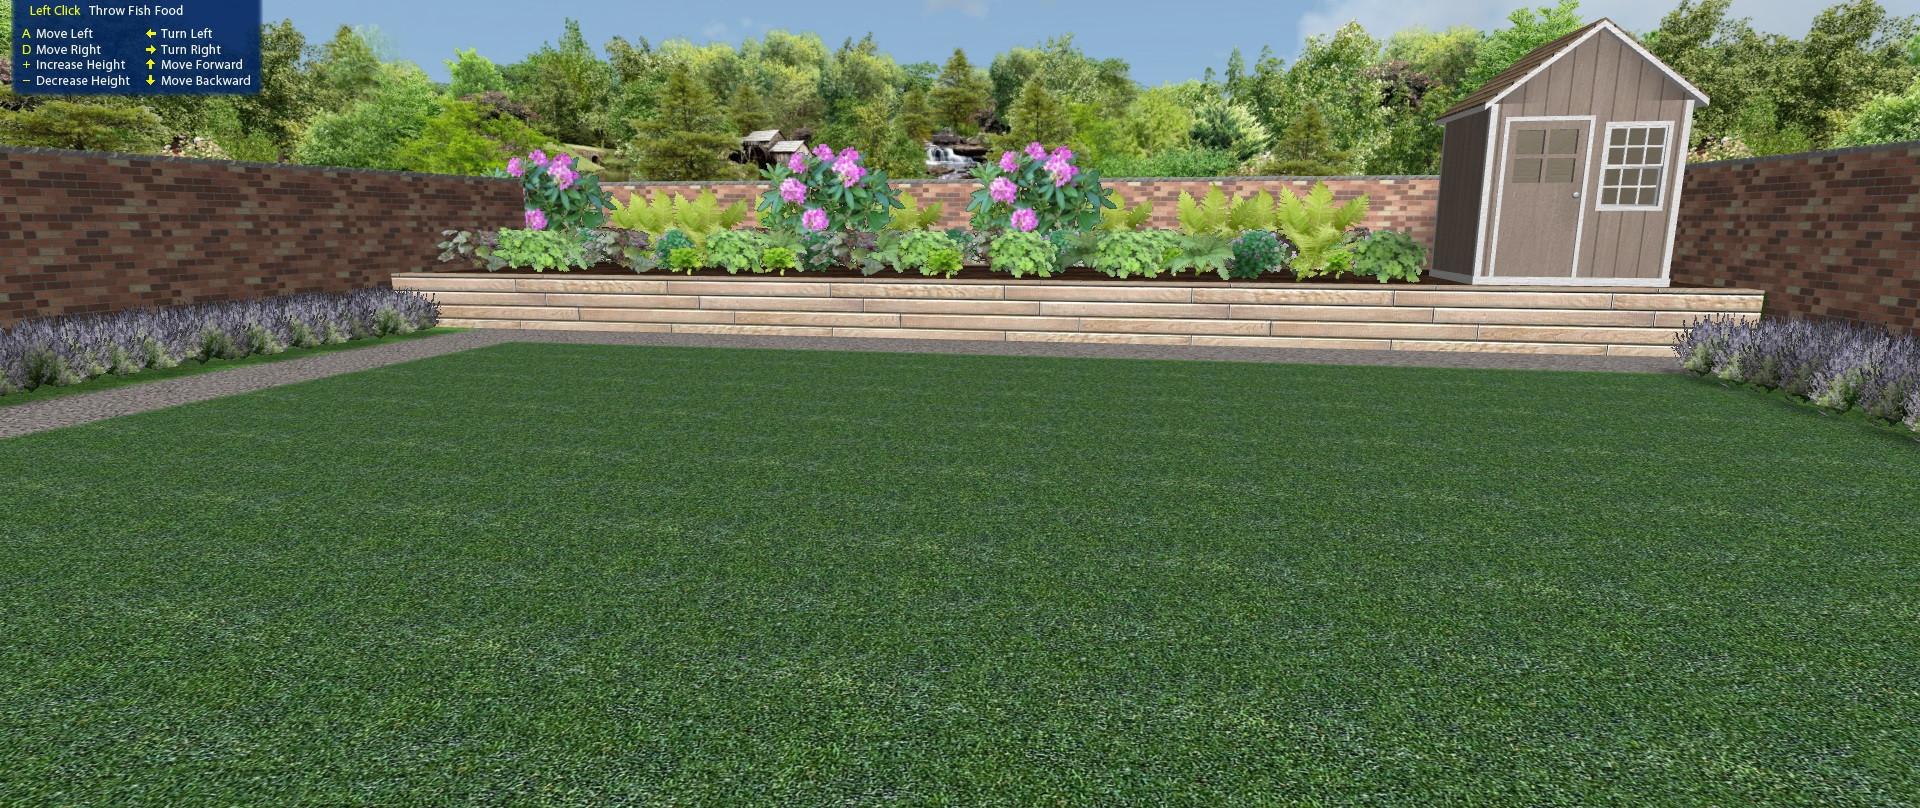 Rear flower bed.jpg